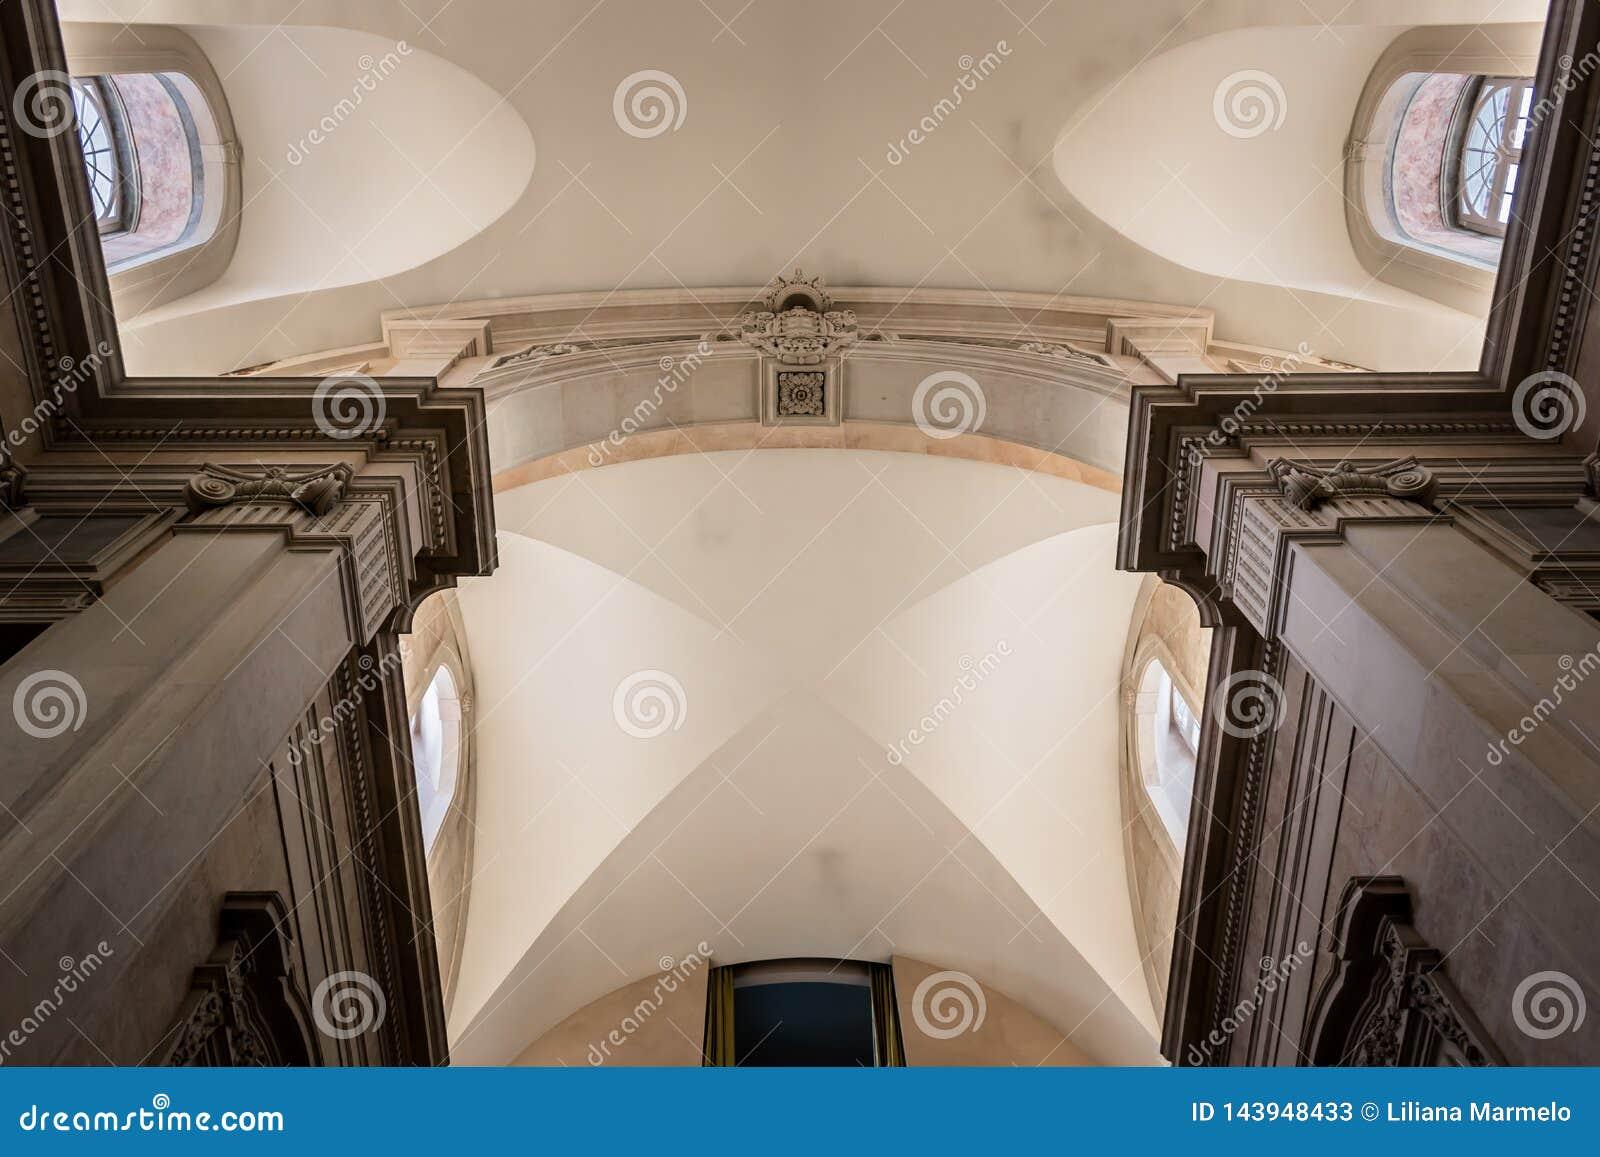 Lisboa, Portugal - 17 de marzo de 2019 - perspectiva del techo interior del museo del dinero